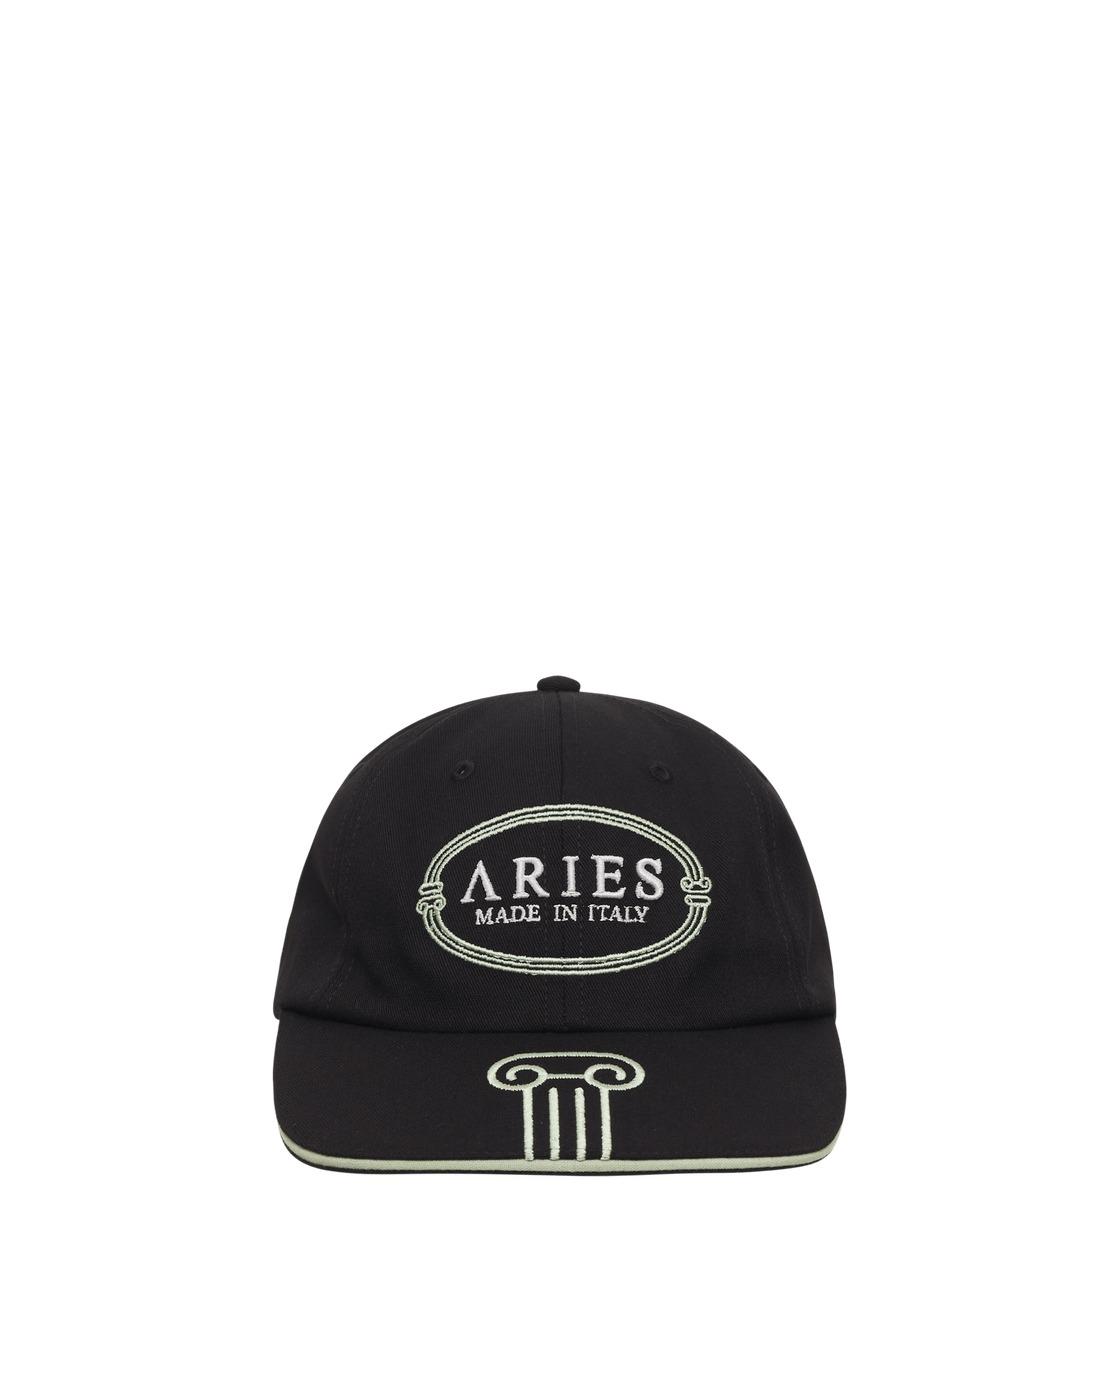 Aries Miit Cap Black